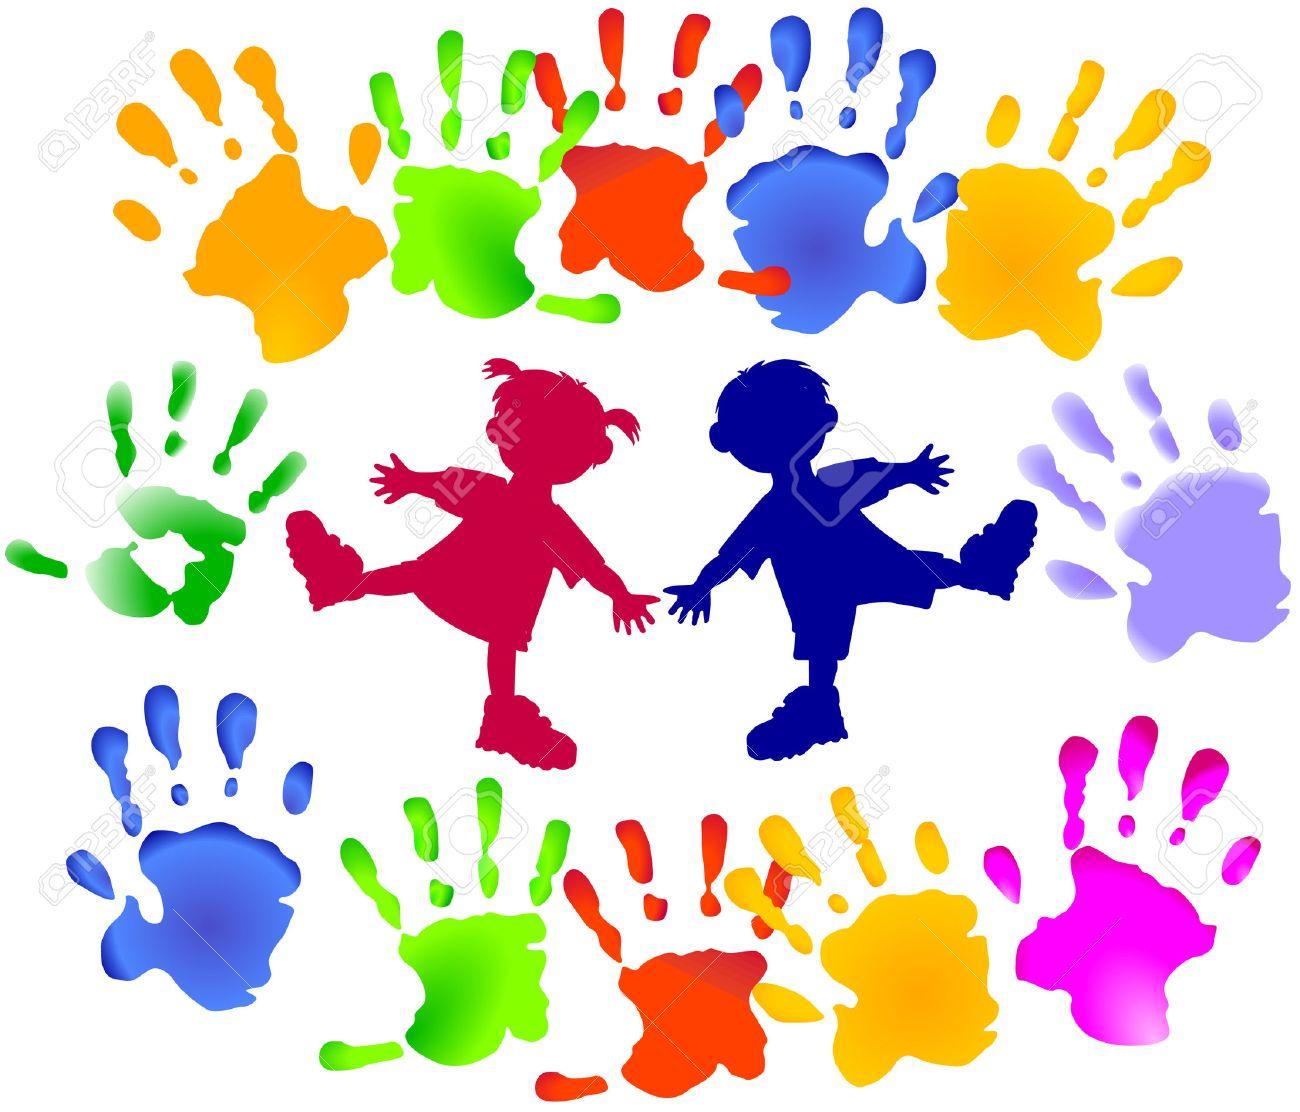 vector young children party - Images Of Preschool Children